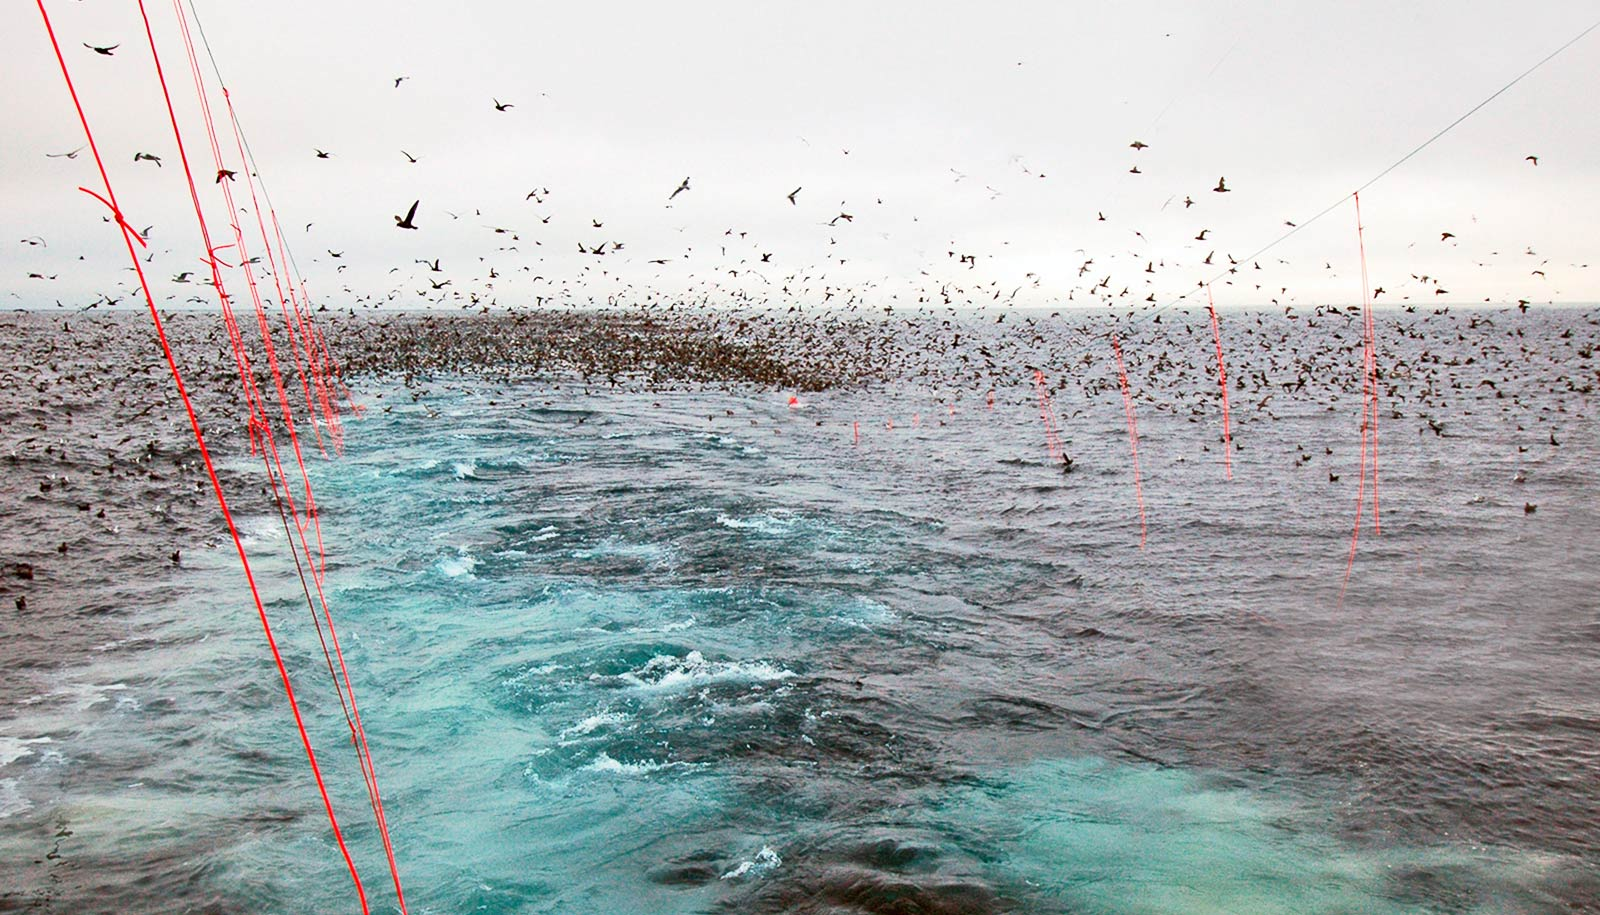 streamerlines behind boat, lots of seabirds